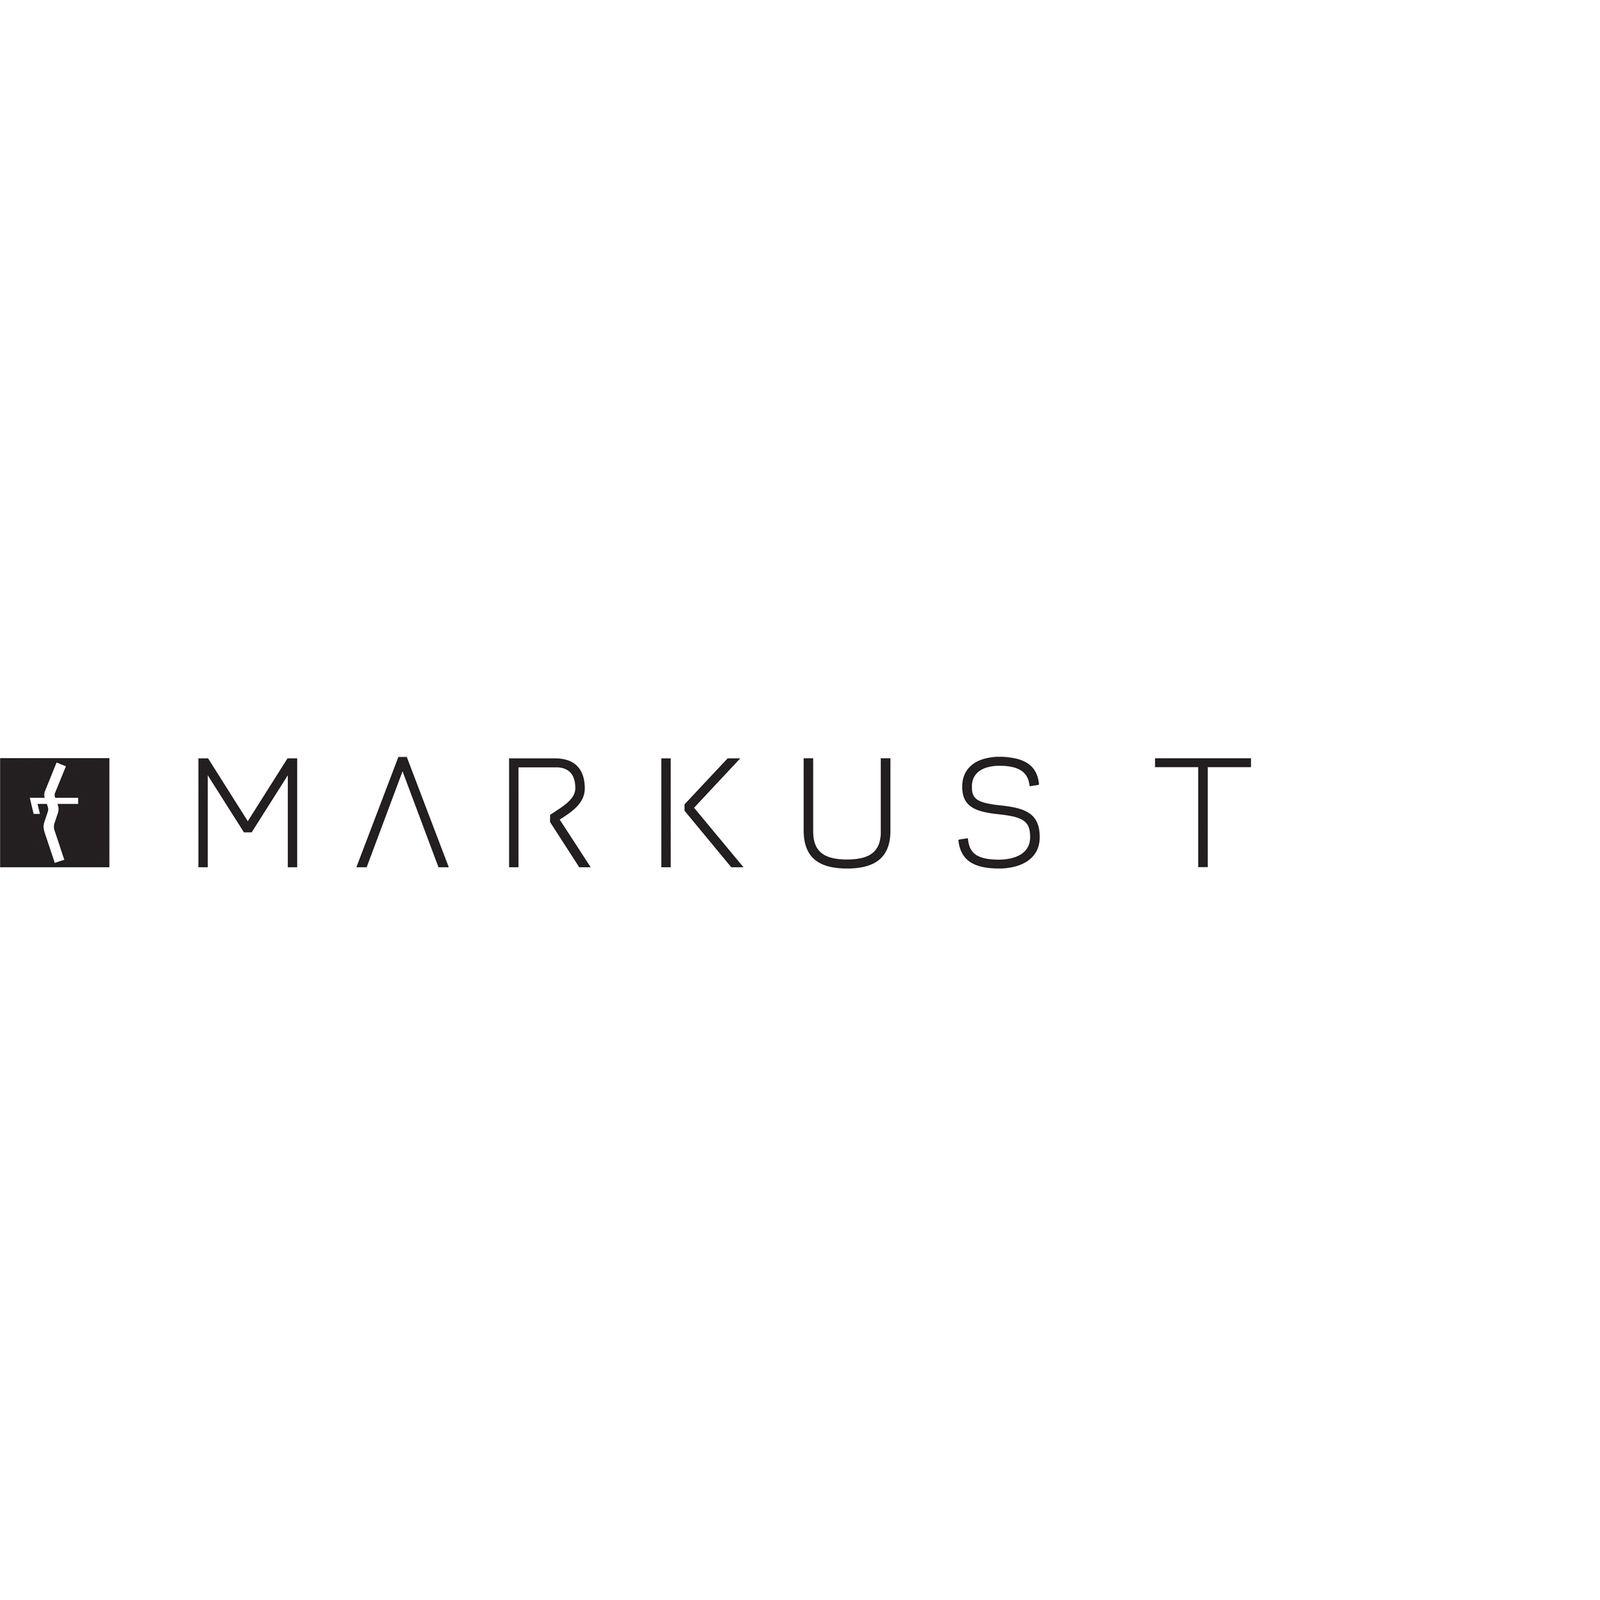 MARKUS T